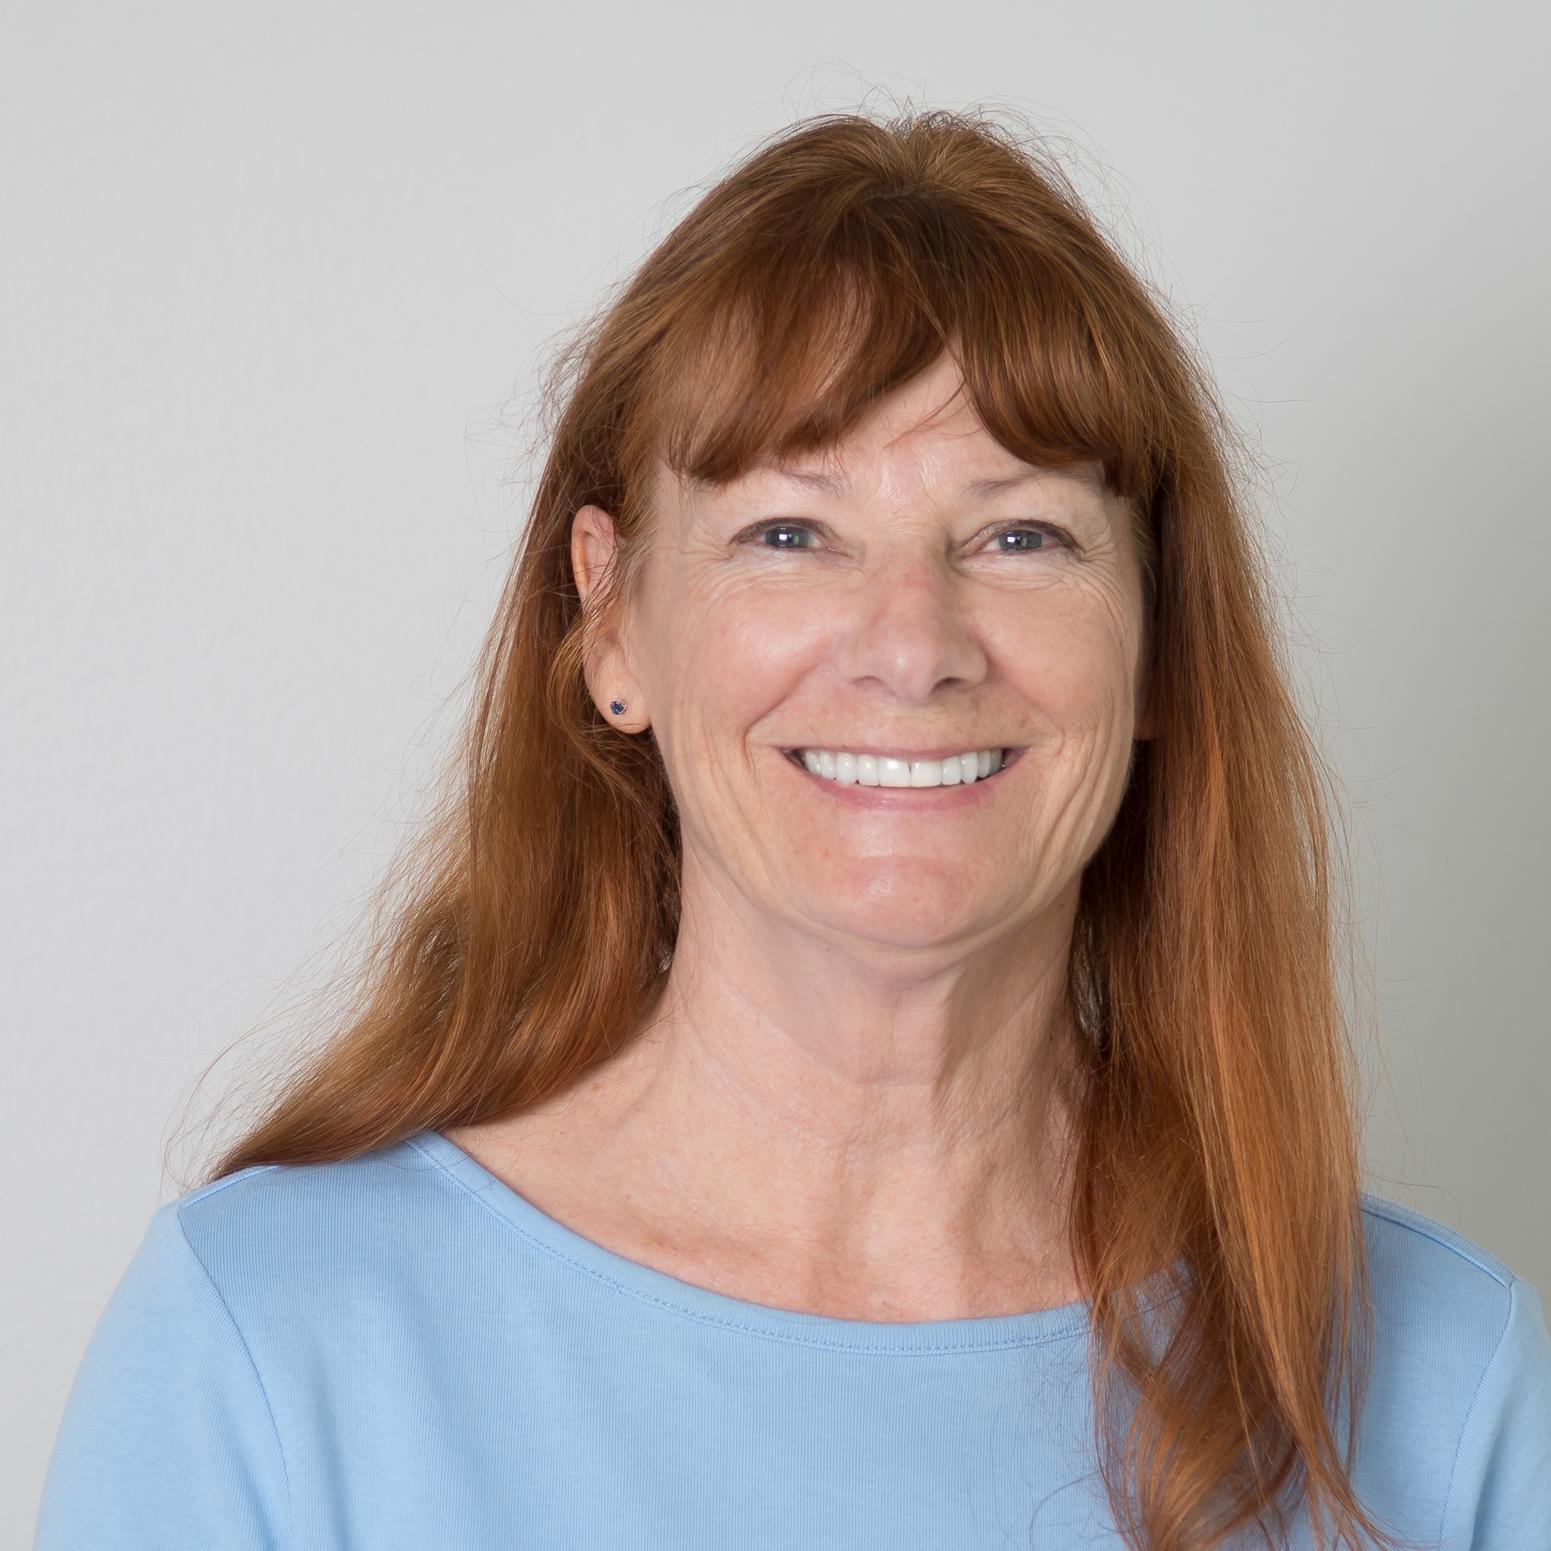 Lori Wisdom - Administrative Assistantlori@medconnectpro.com(503) 922-2160 ext. 311(503) 922-2161 (direct)